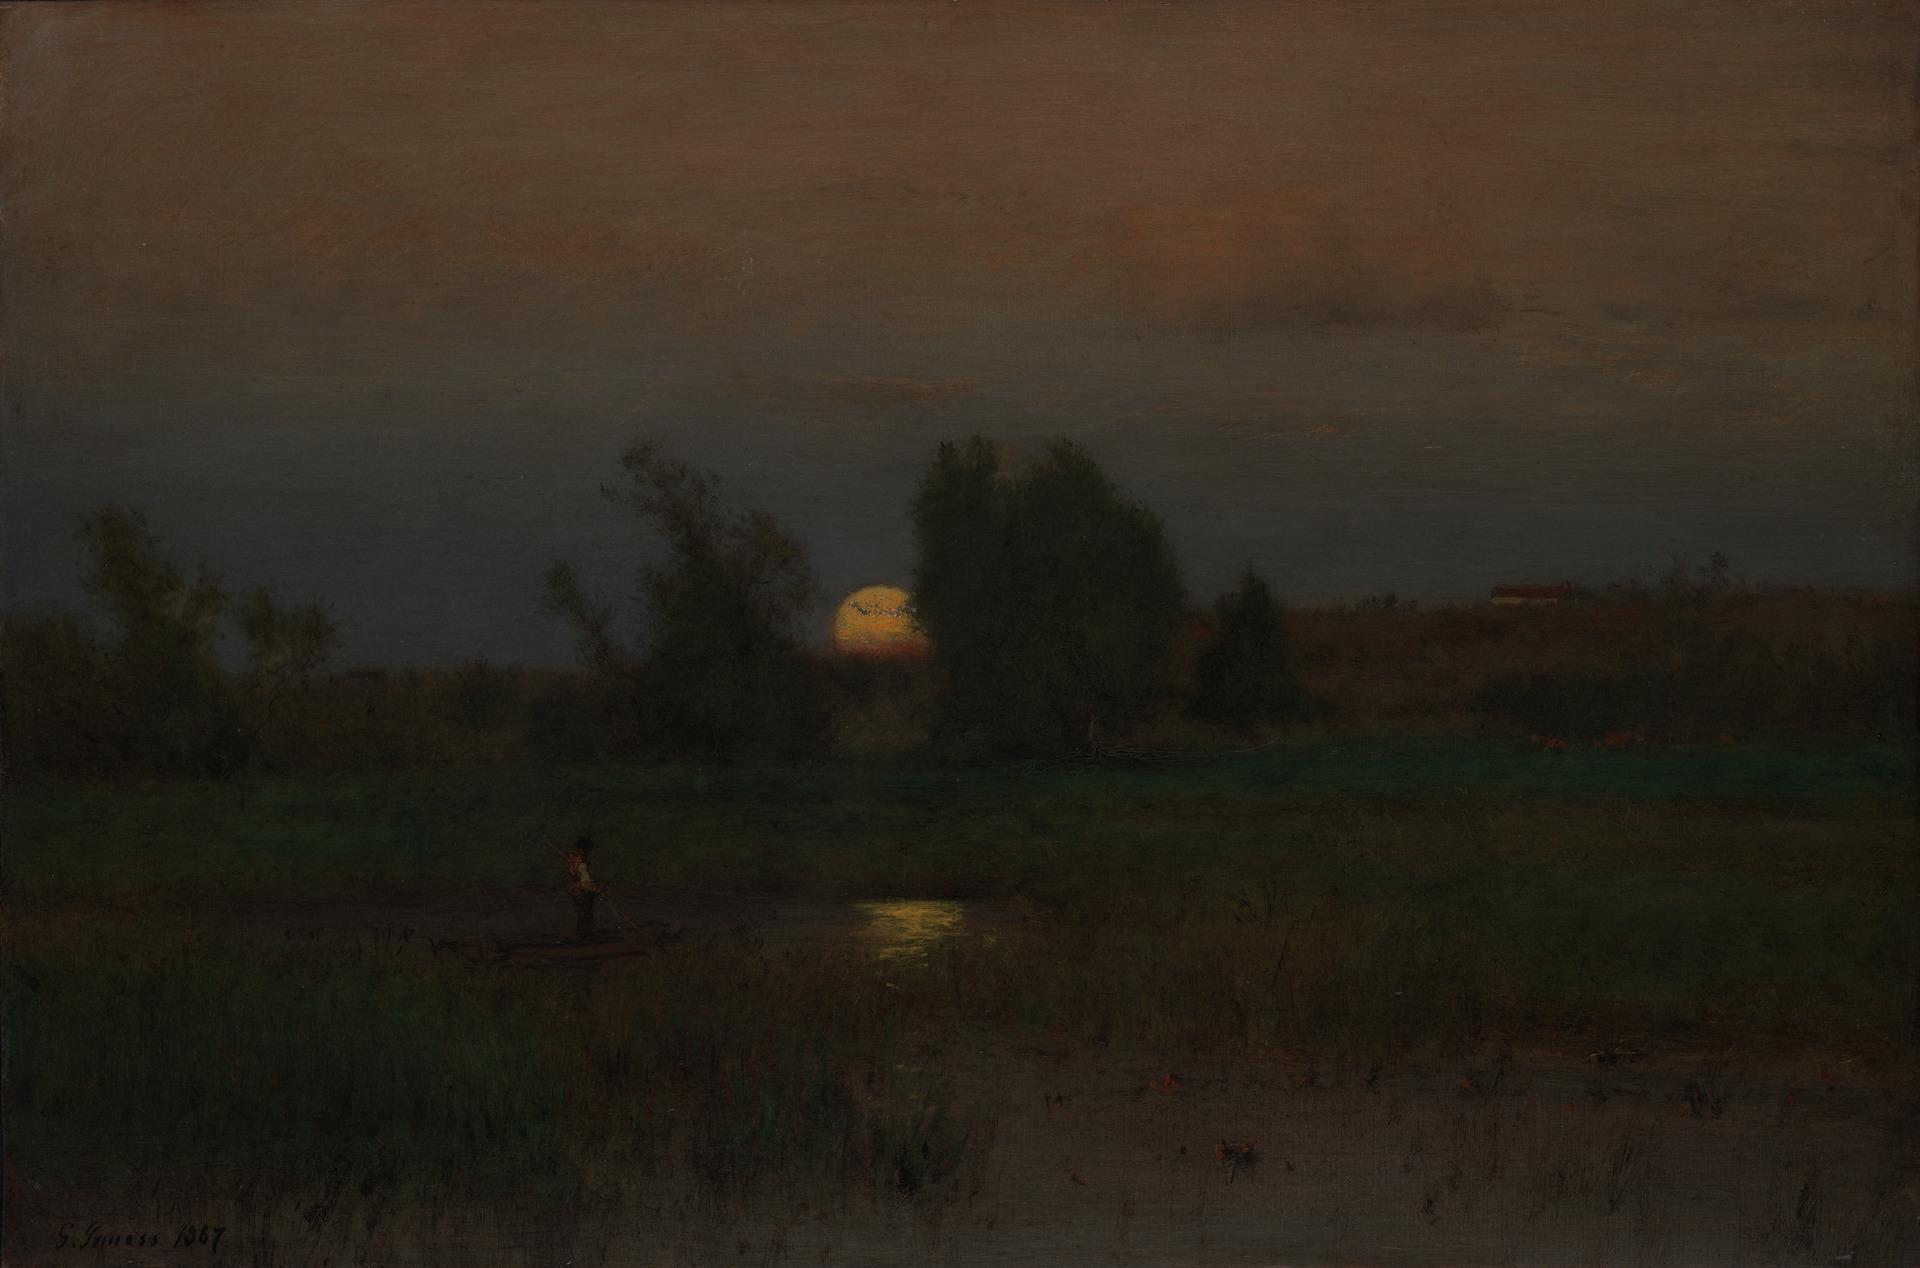 Inness Moonrise